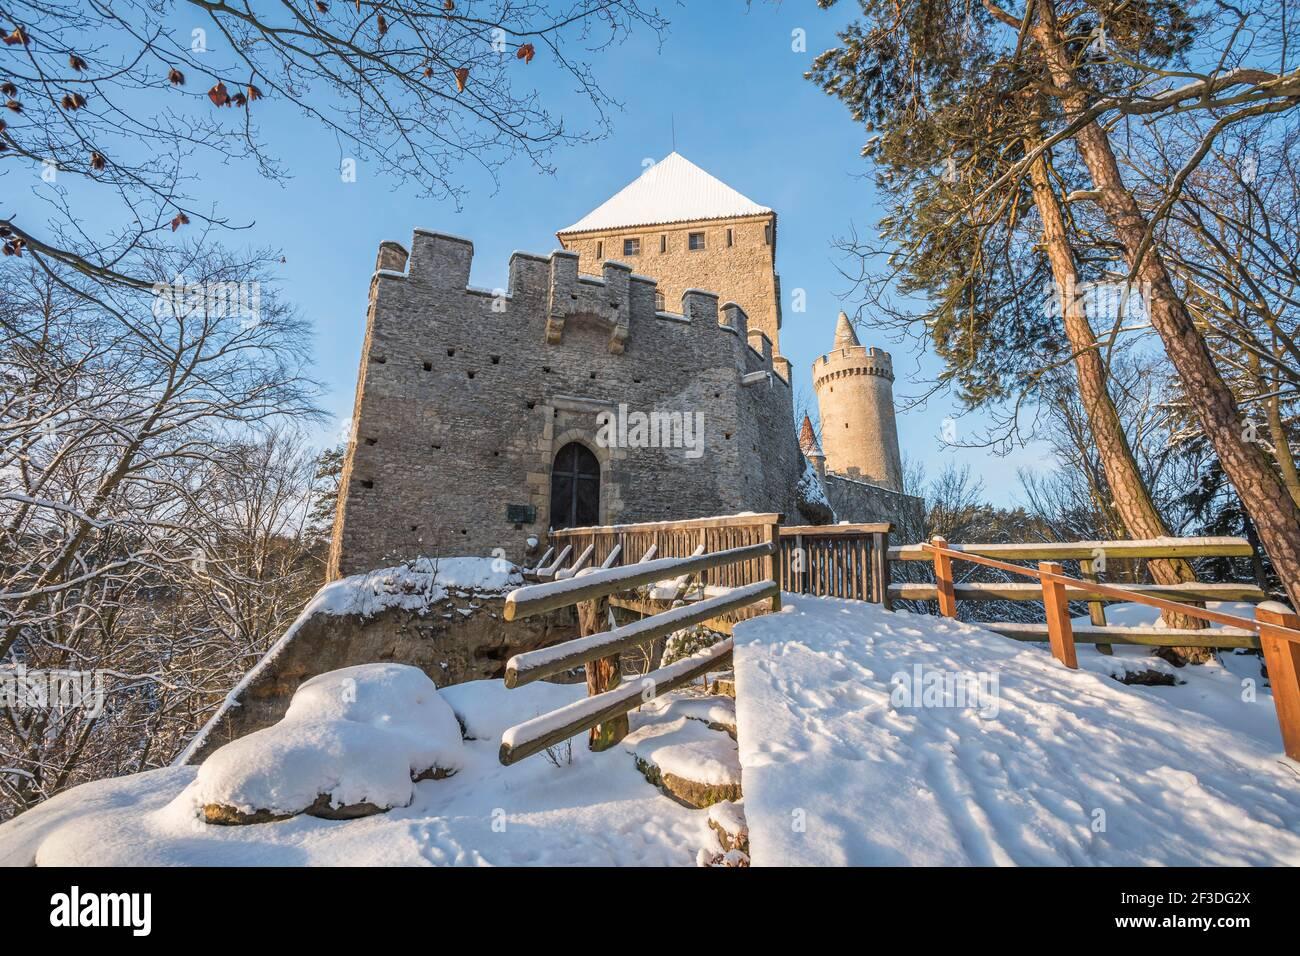 Château médiéval de Kokorin en hiver au lever du soleil. Parc national de Kokorinsko à proximité de Prague en République tchèque. Europe centrale. Banque D'Images